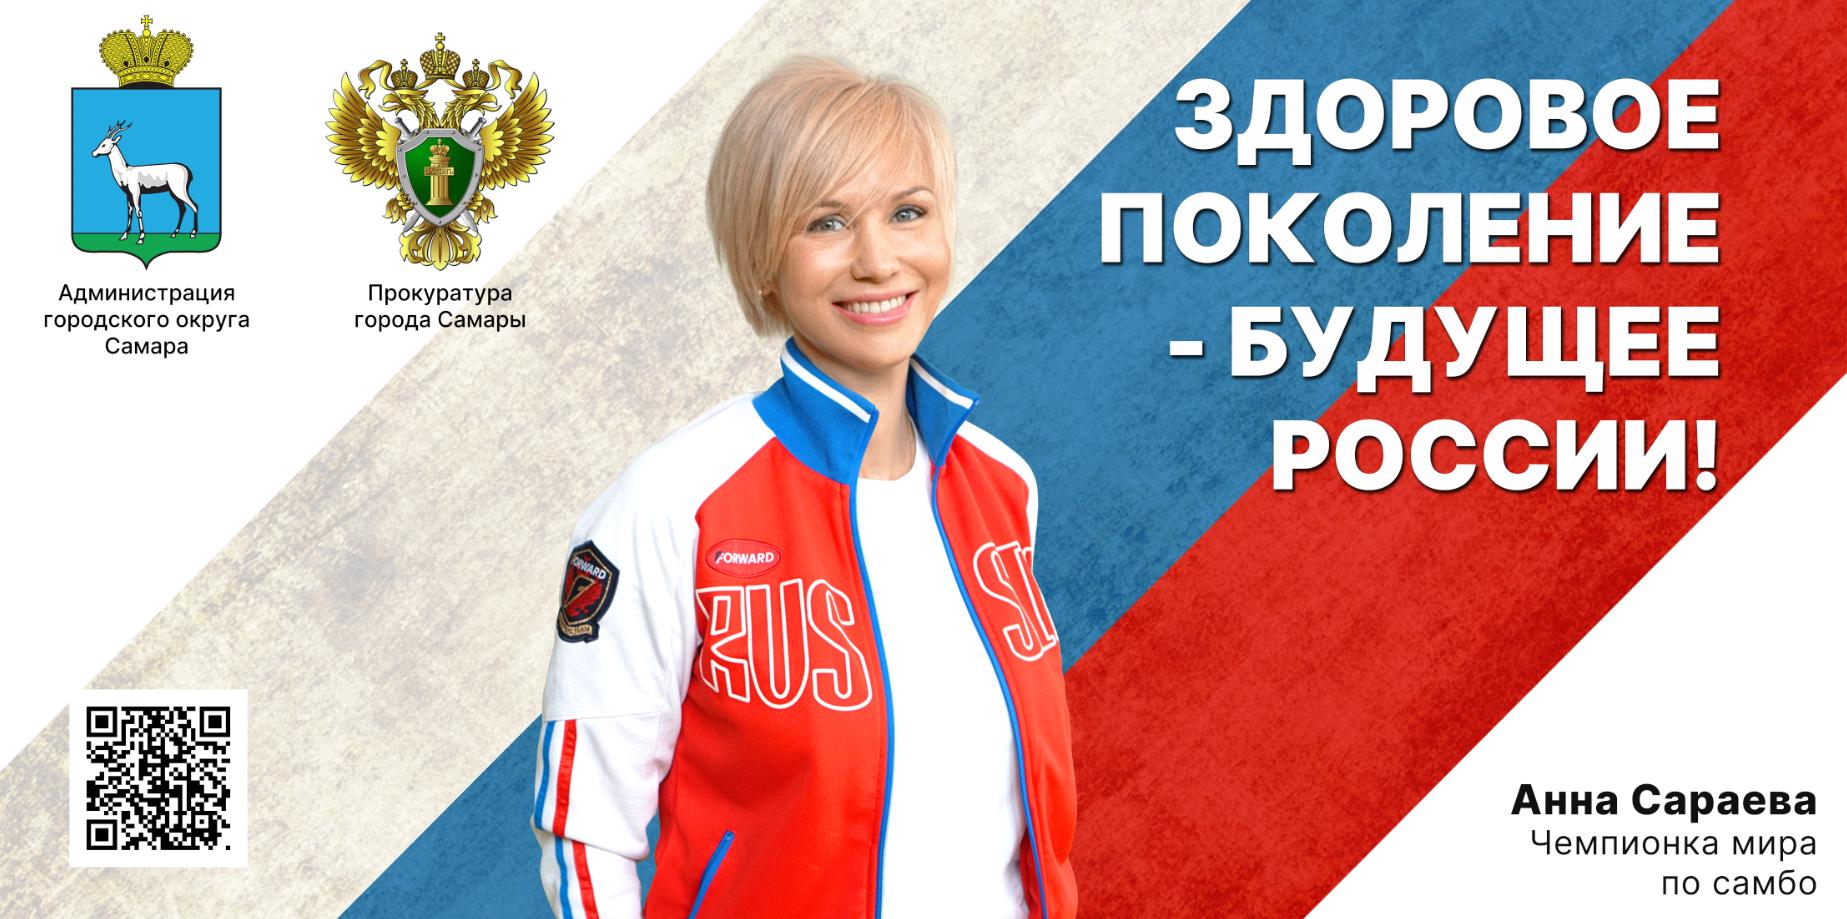 ЗДОРОВОЕ ПОКОЛЕНИЕ — БУДУЩЕЕ РОССИИ!